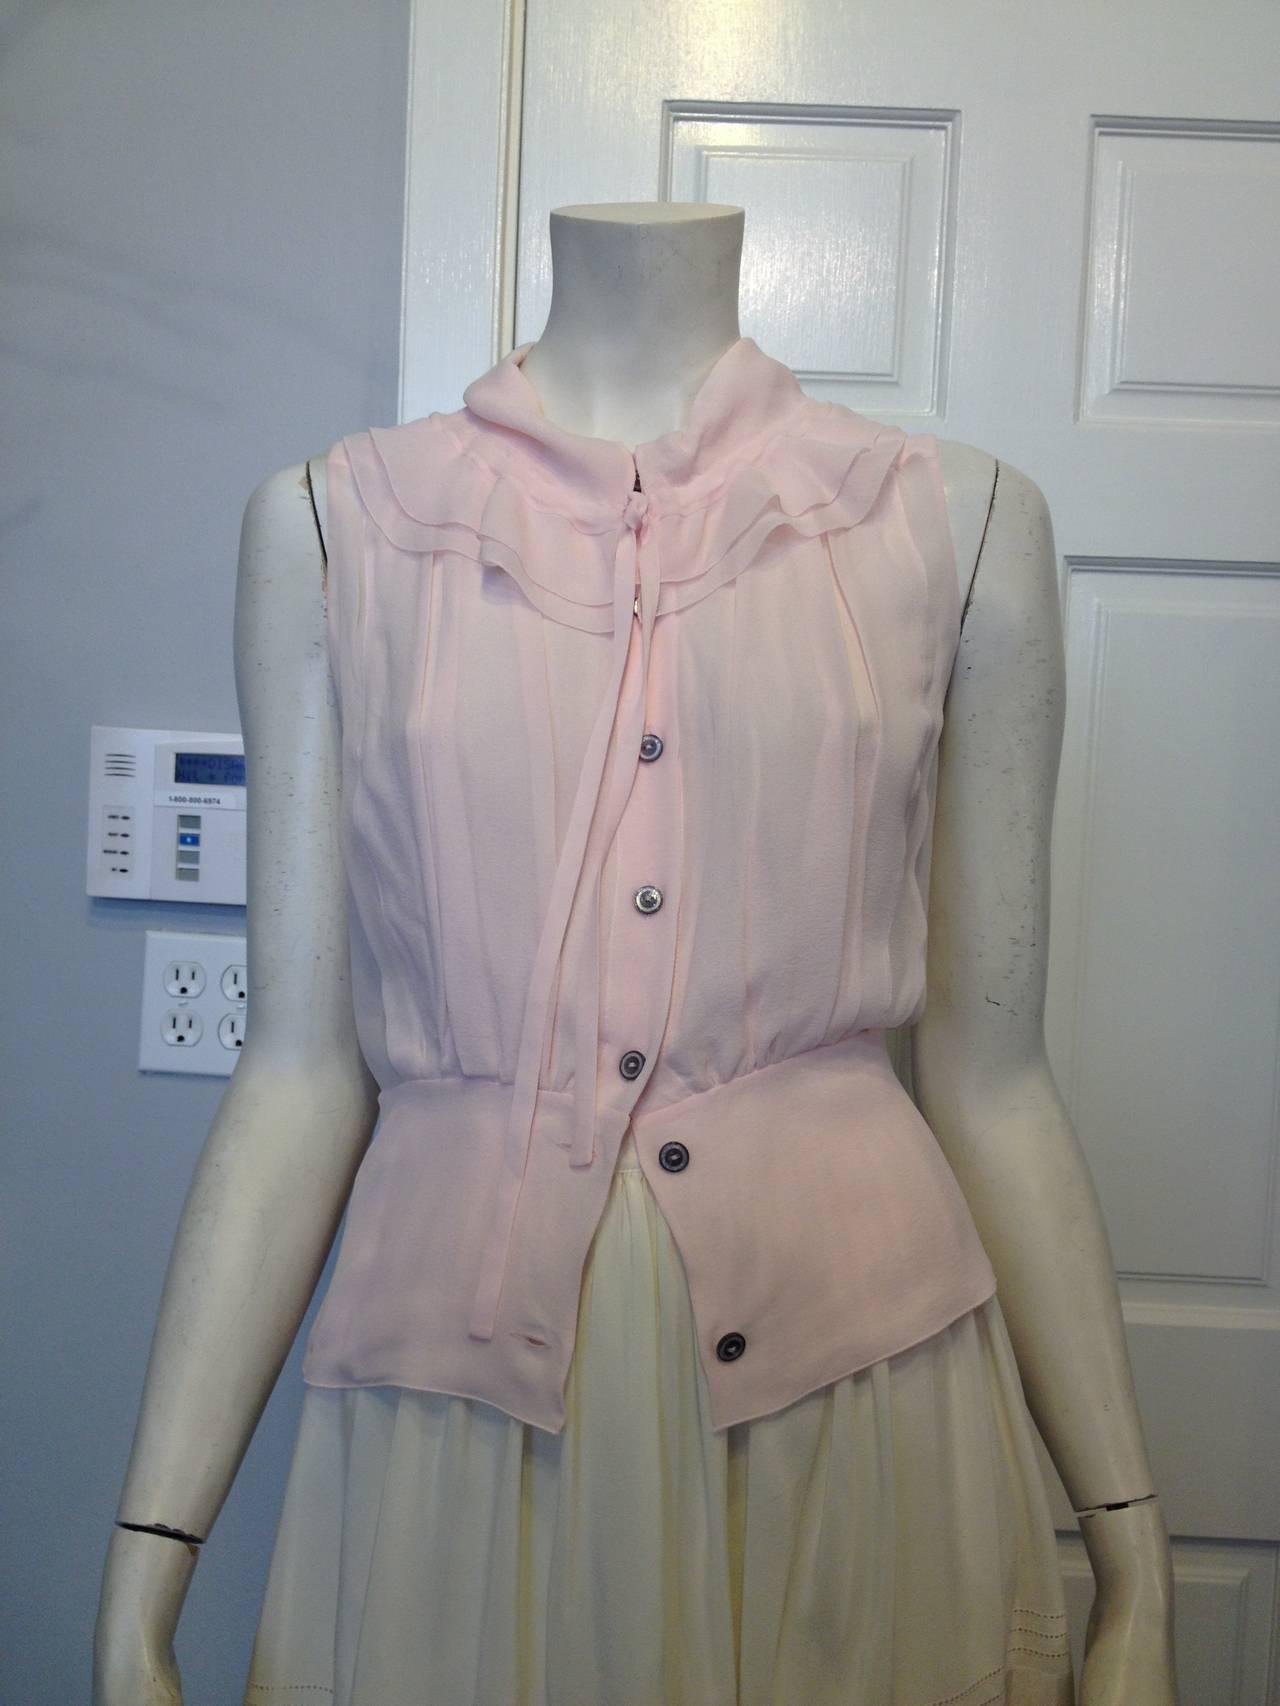 Chanel Baby Pink Chiffon Ruffled Blouse 3